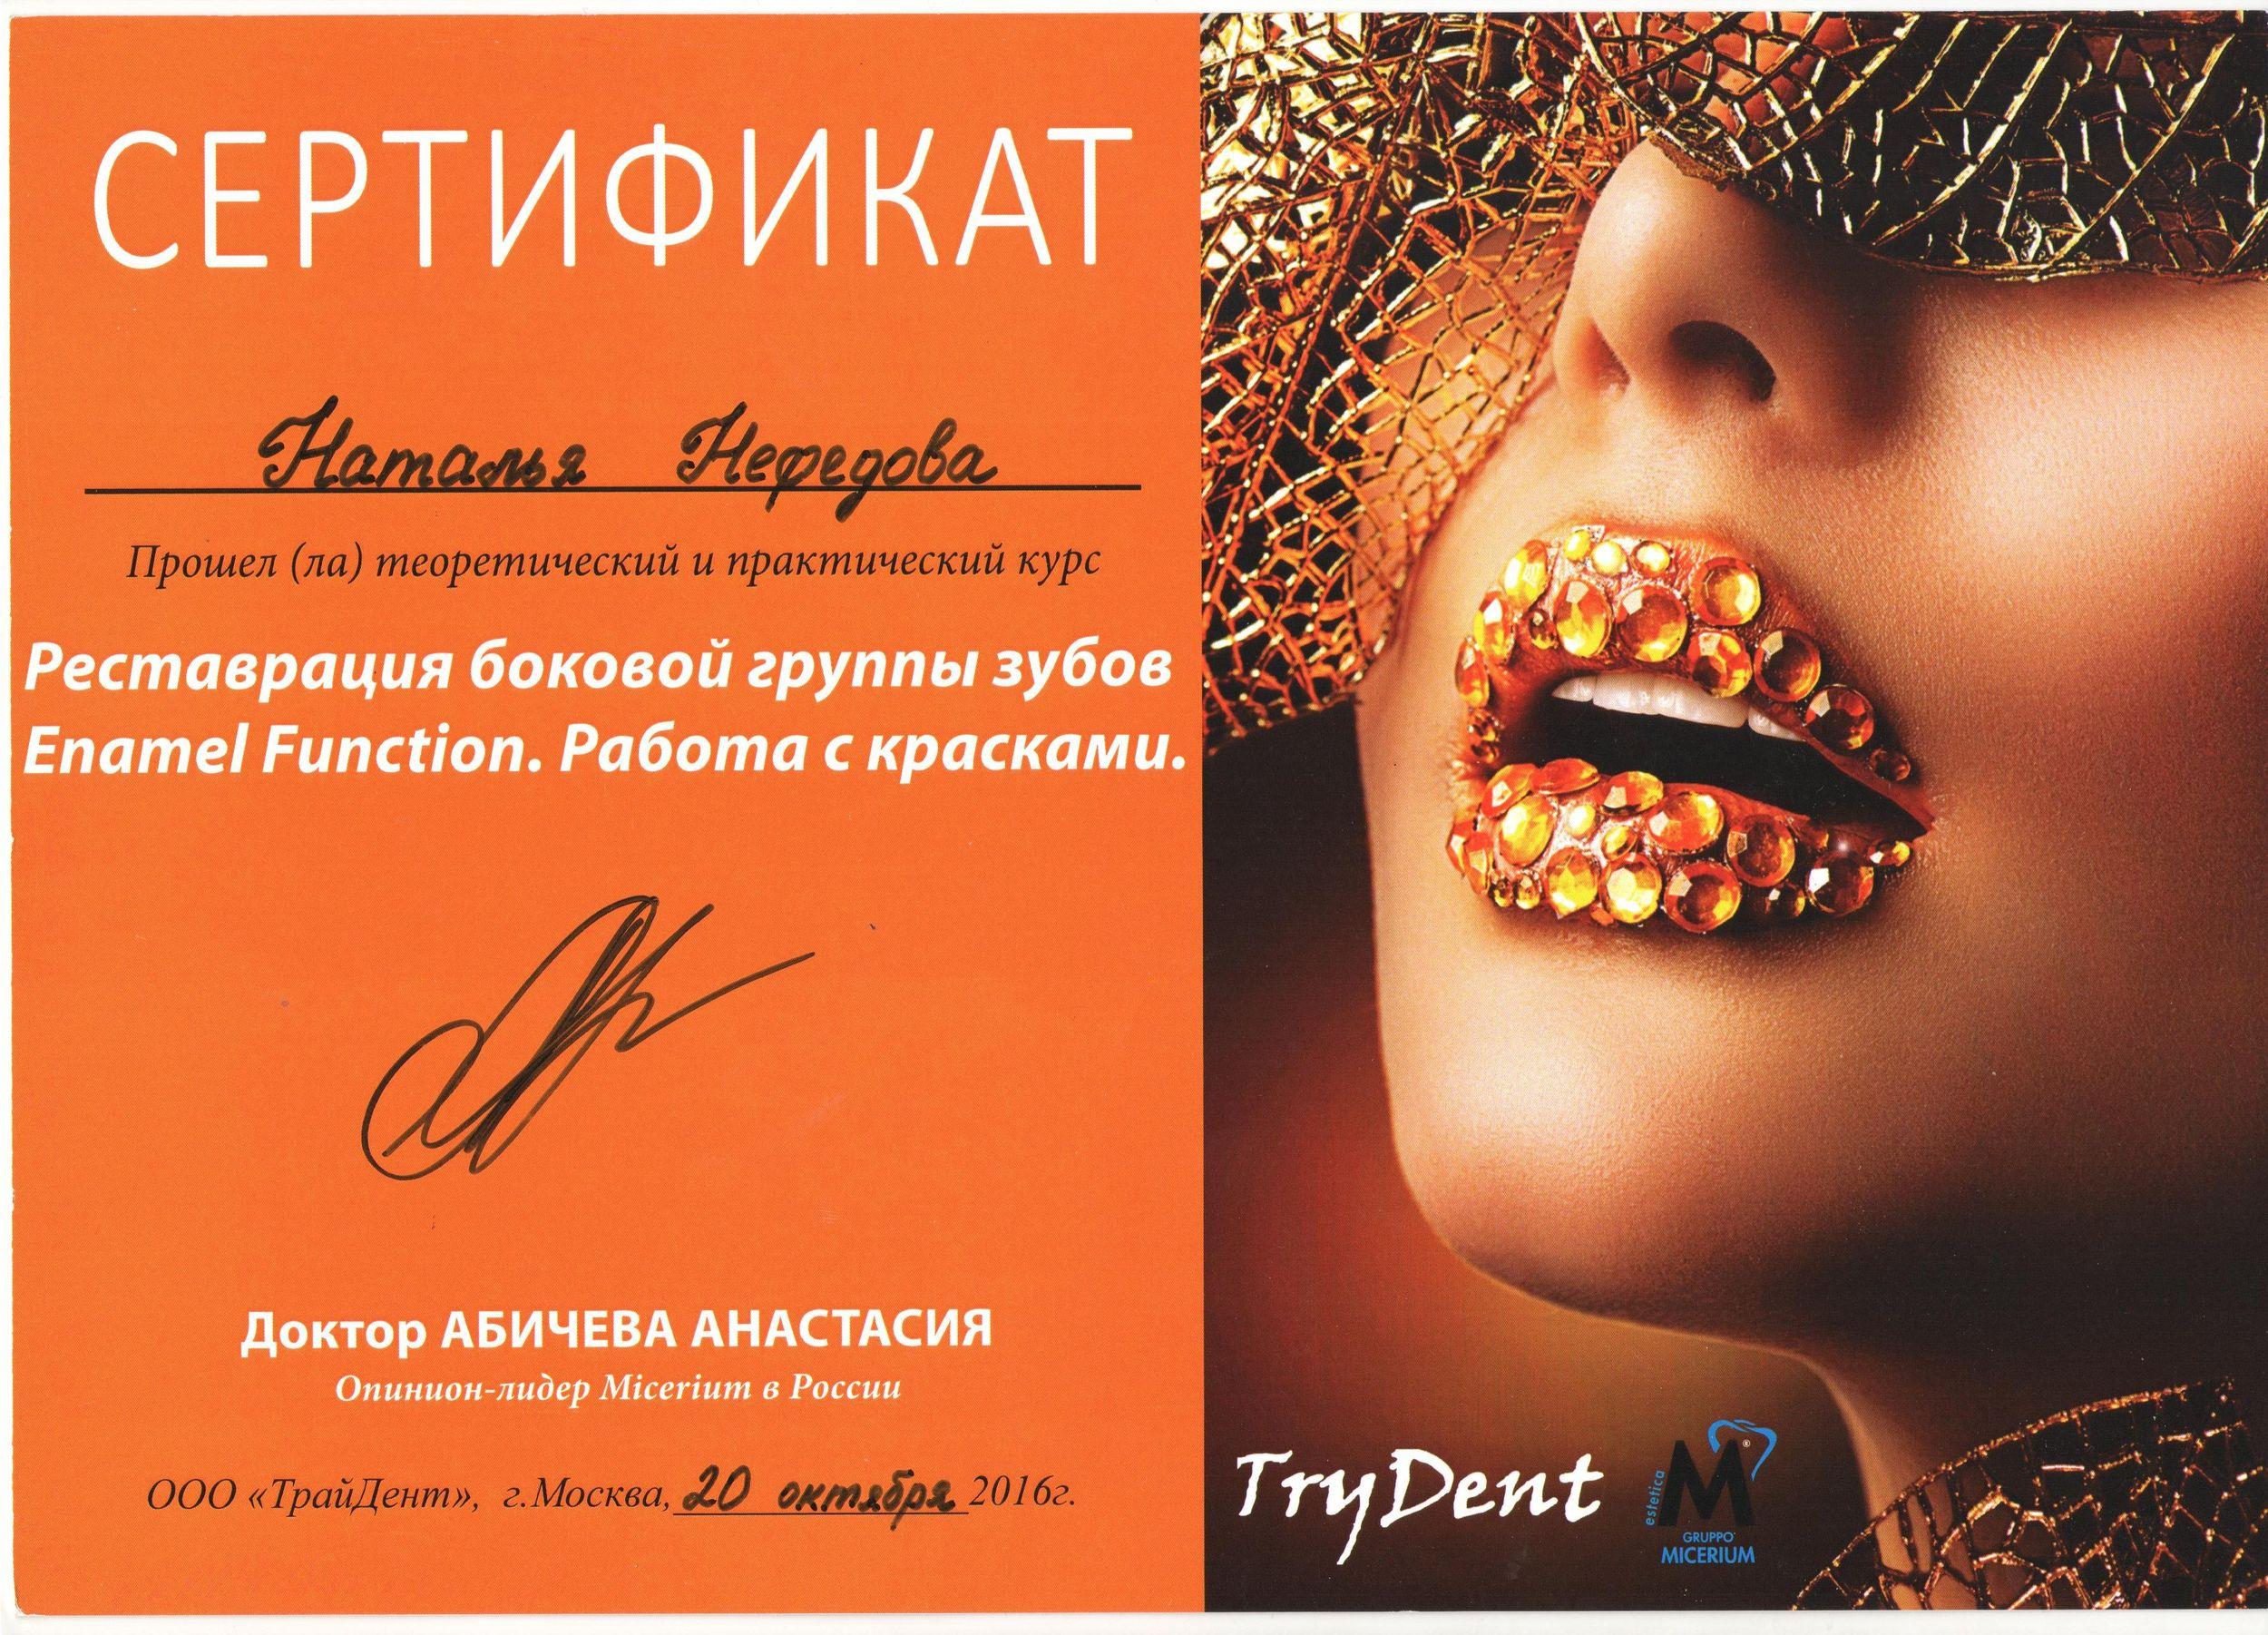 Нефедова_сертификат_5